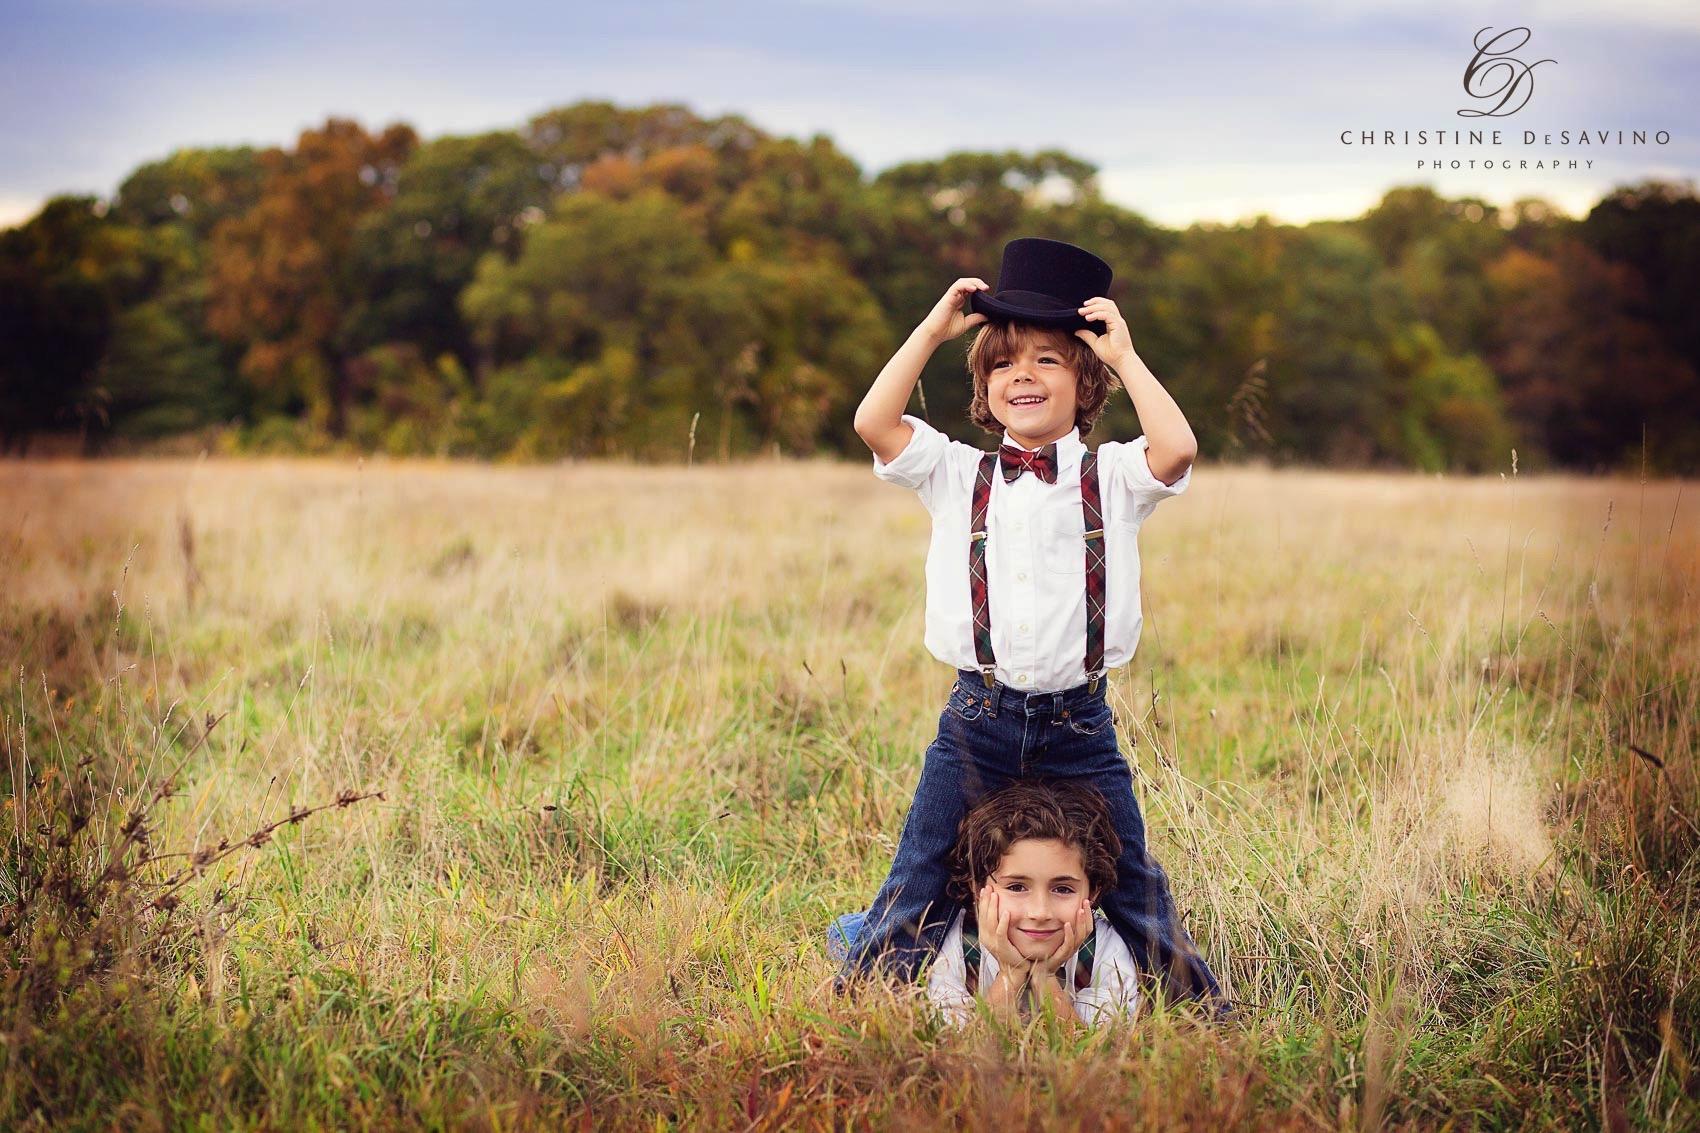 NJ NY Child Autumn Fall Photographer